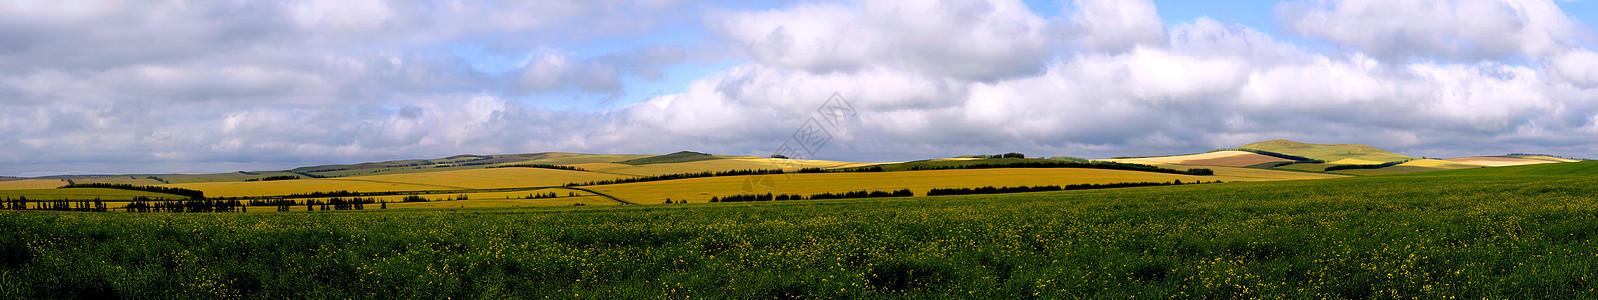 辽阔的大草原图片